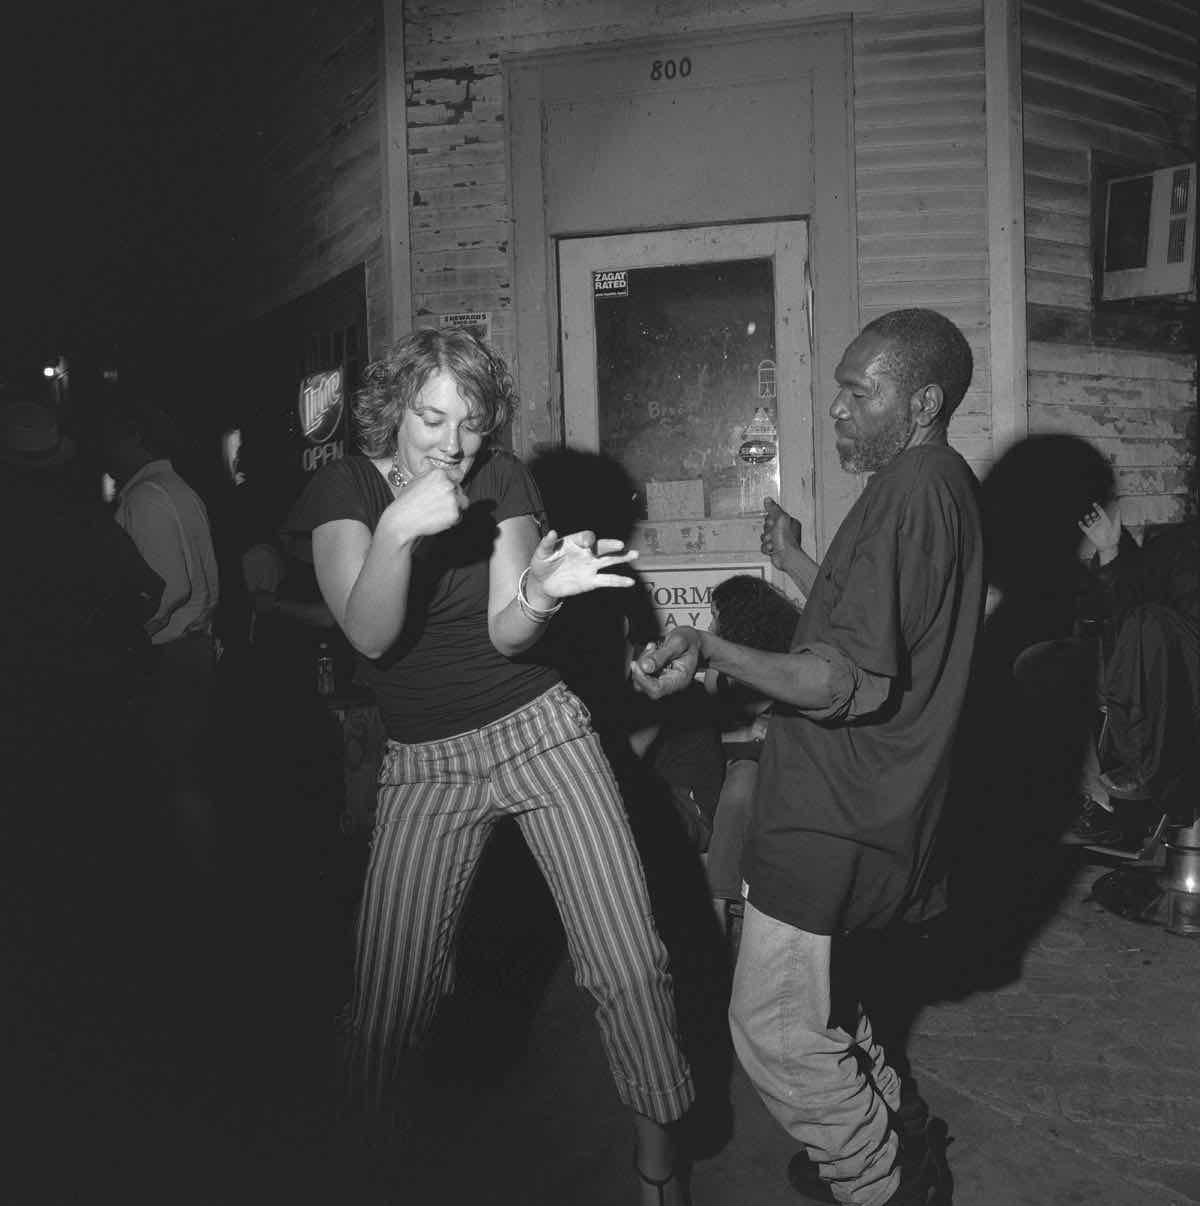 New Orleans Music 4-06 (80, #13).jpg